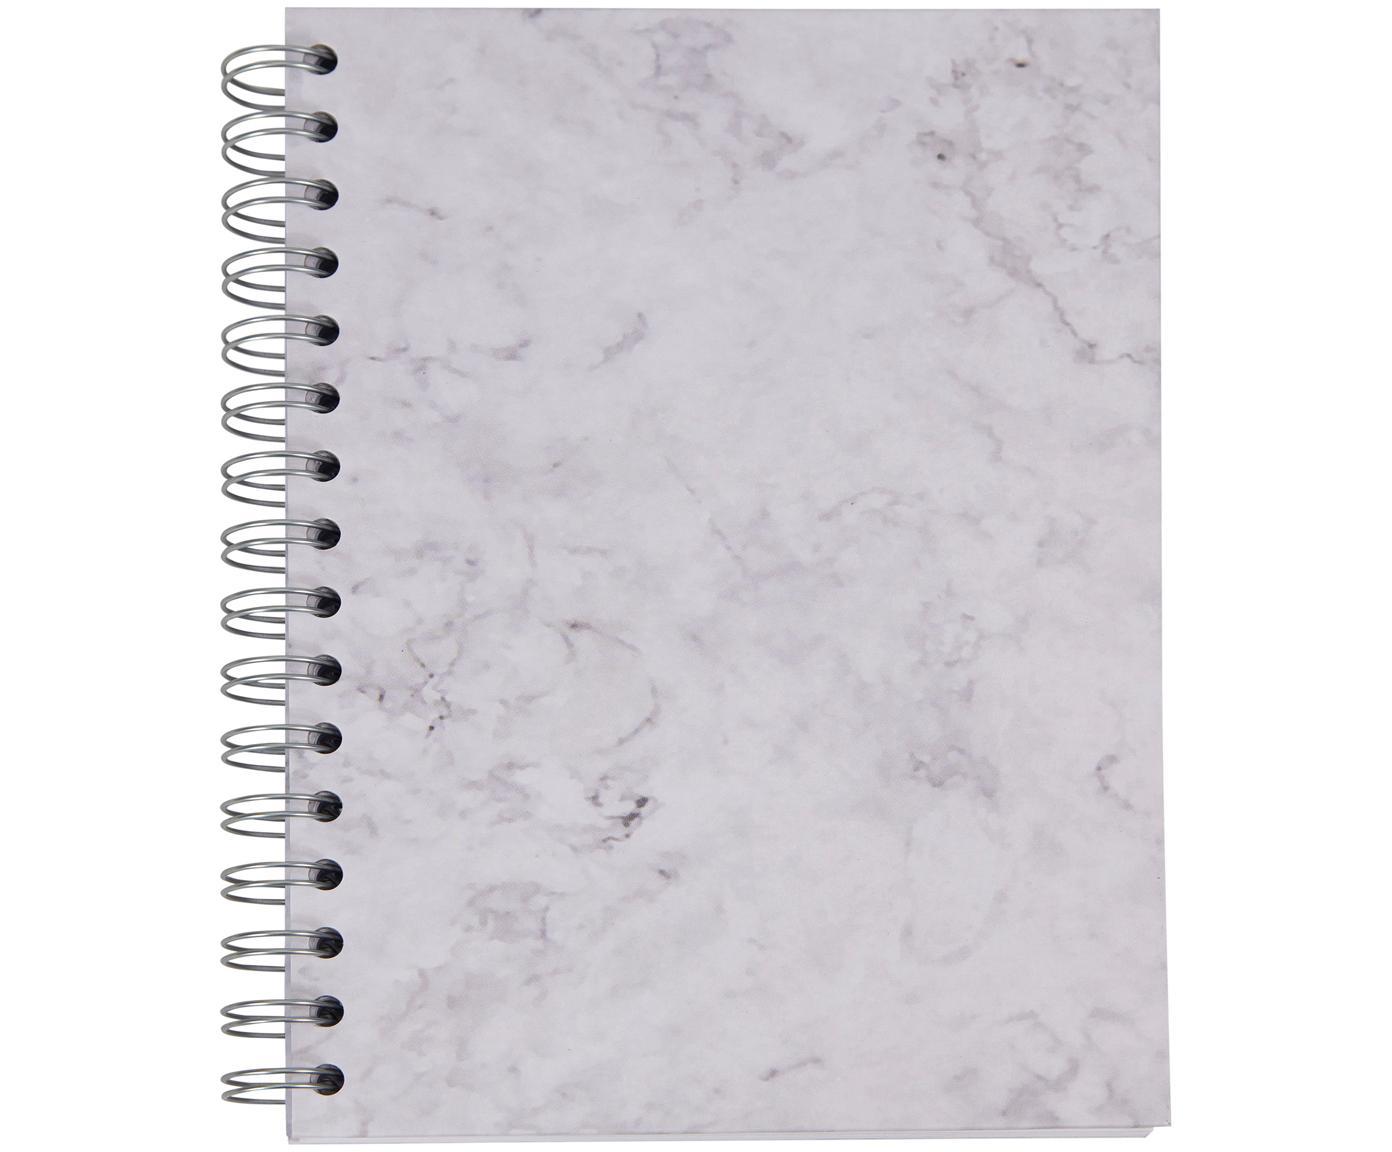 Quaderno a spirale Bürli, Bianco, marmorizzato, L 16 x A 21 cm